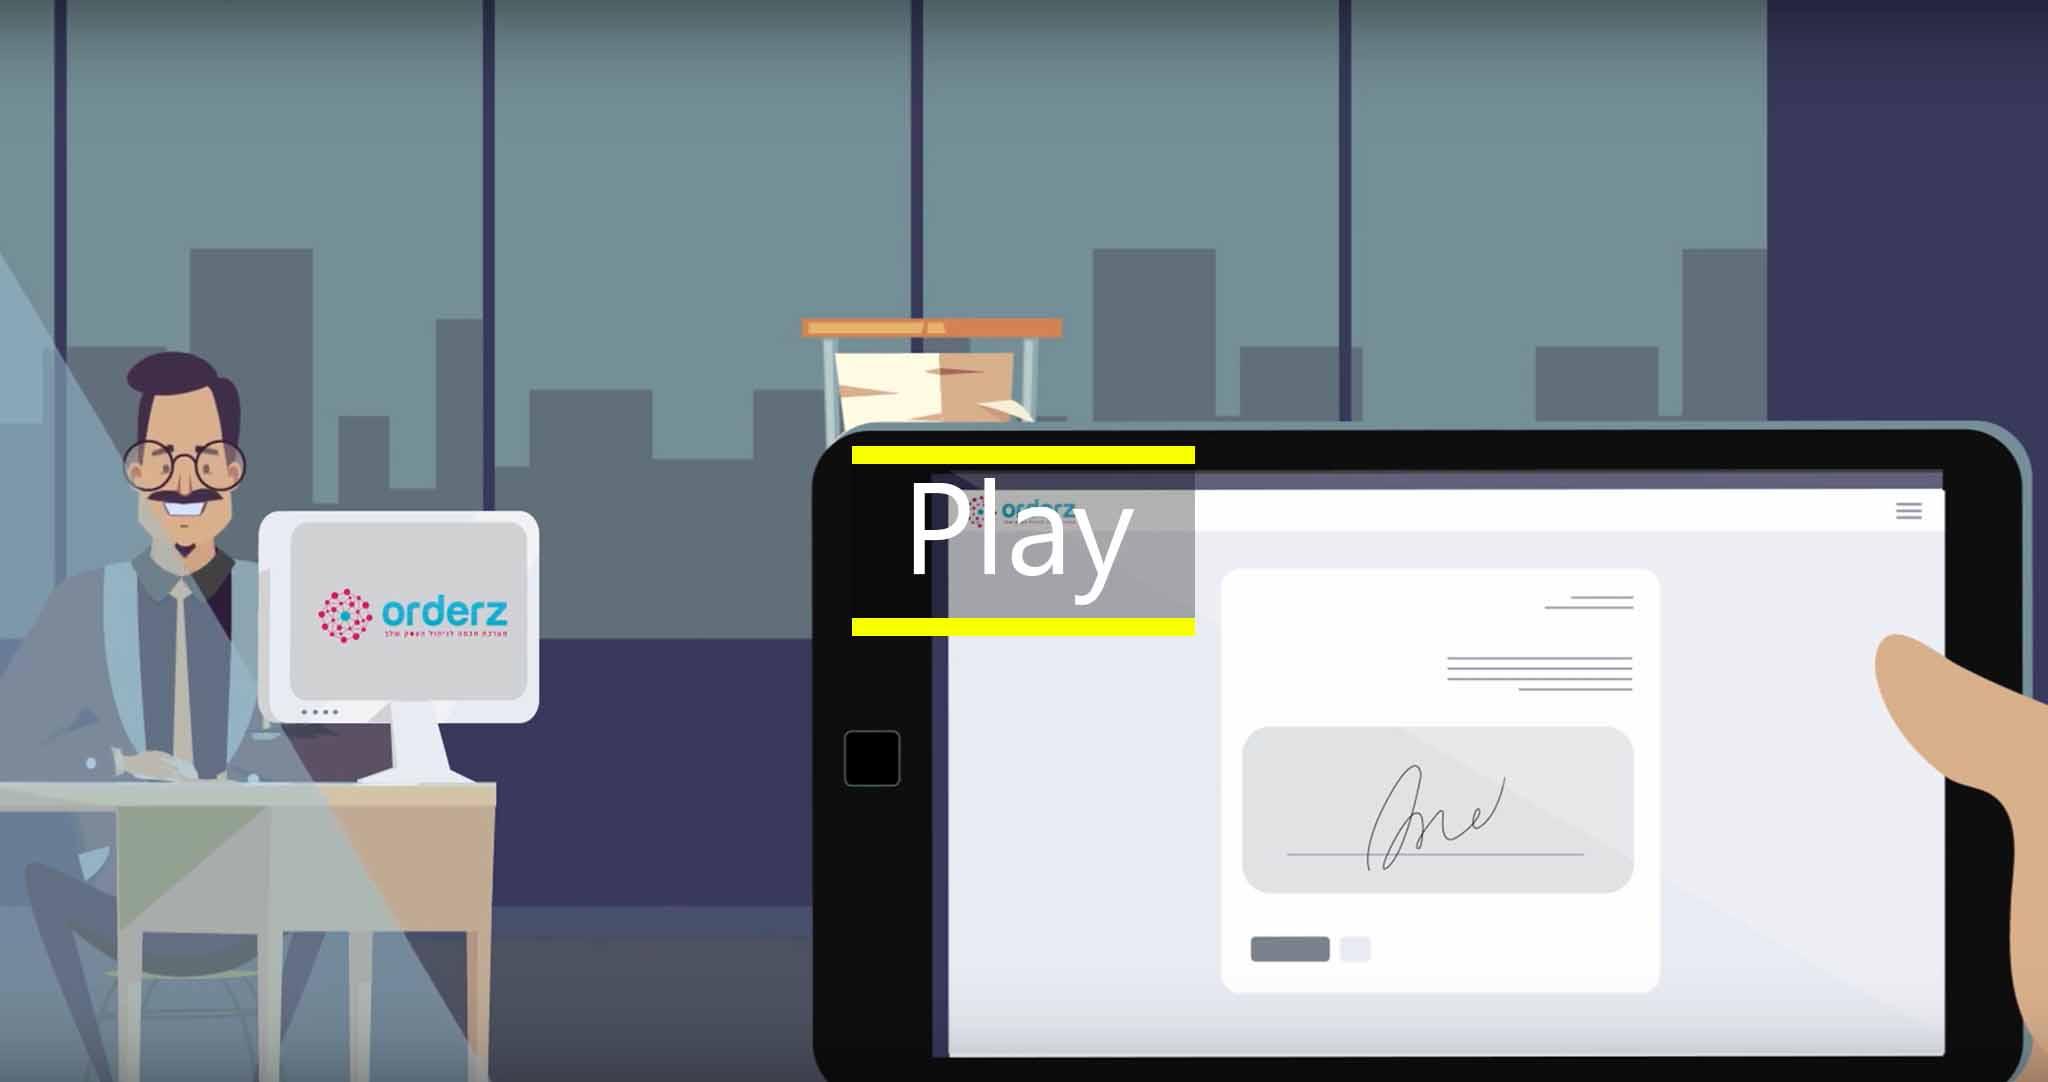 סרט אנימציה לחברת ORDERZ סימנים הפקות